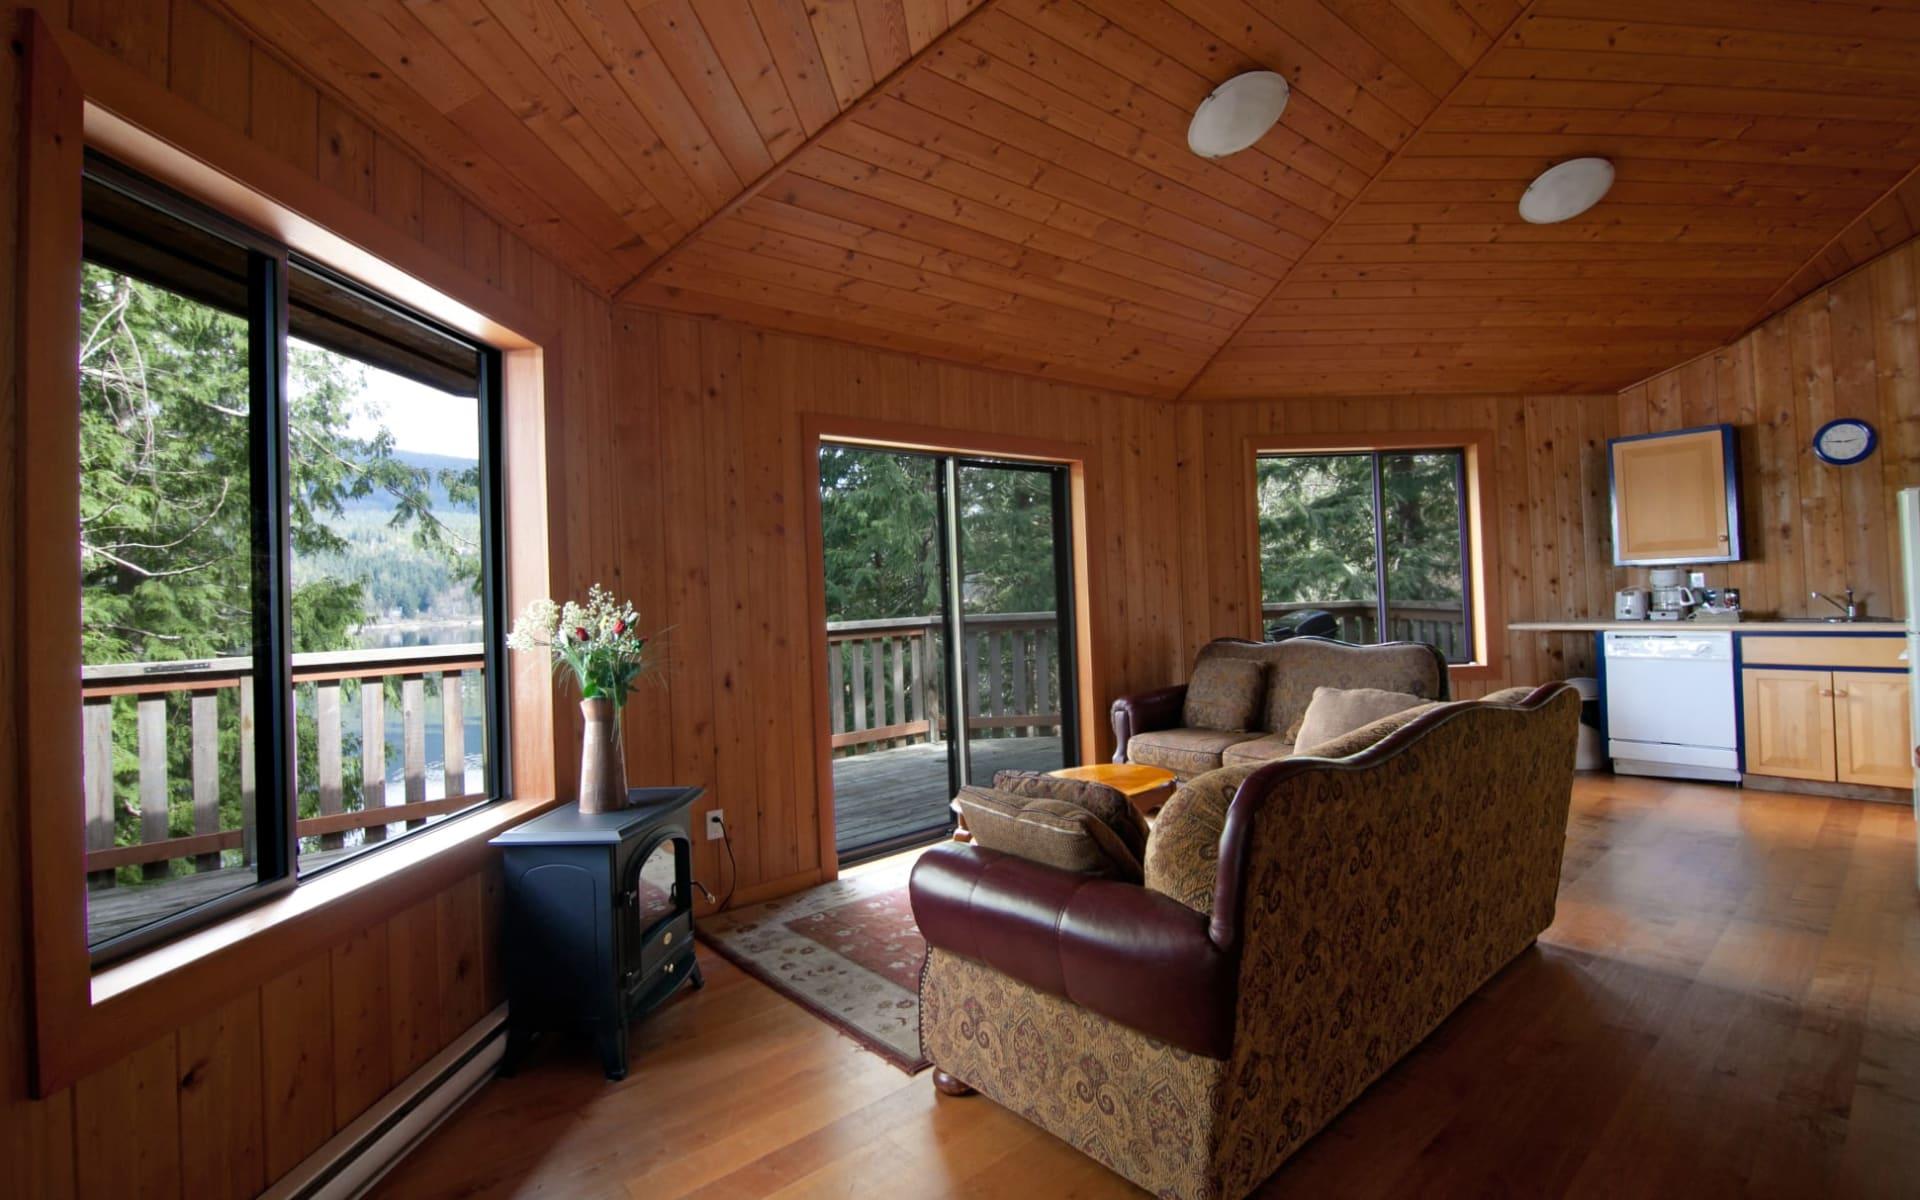 Desolation Sound Wilderness Resort in Powell River:  Desolation Resort_Chalet1LivingArea&Kitchen